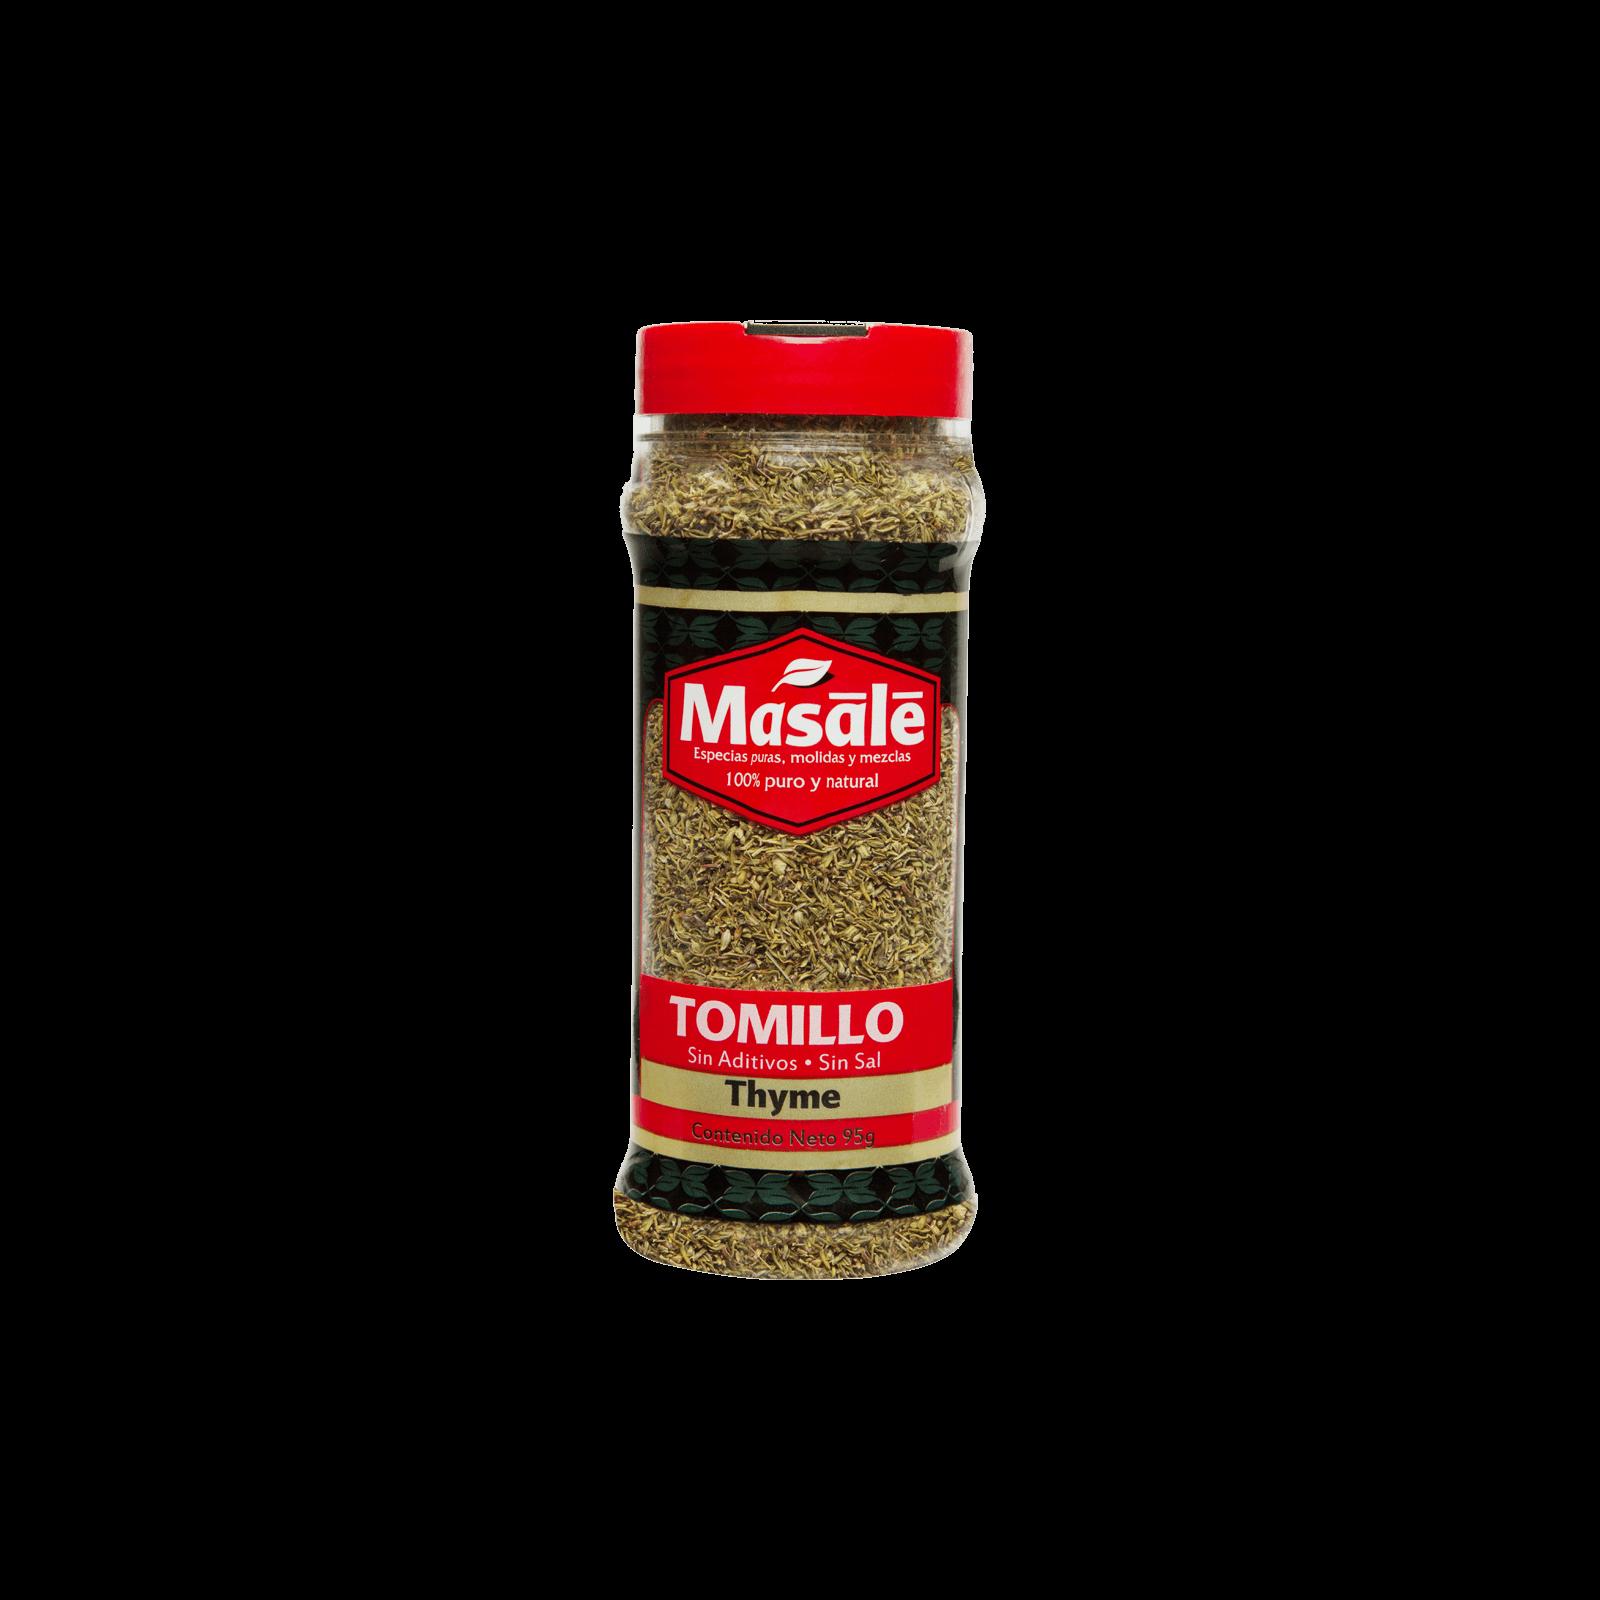 Tomillo Masale